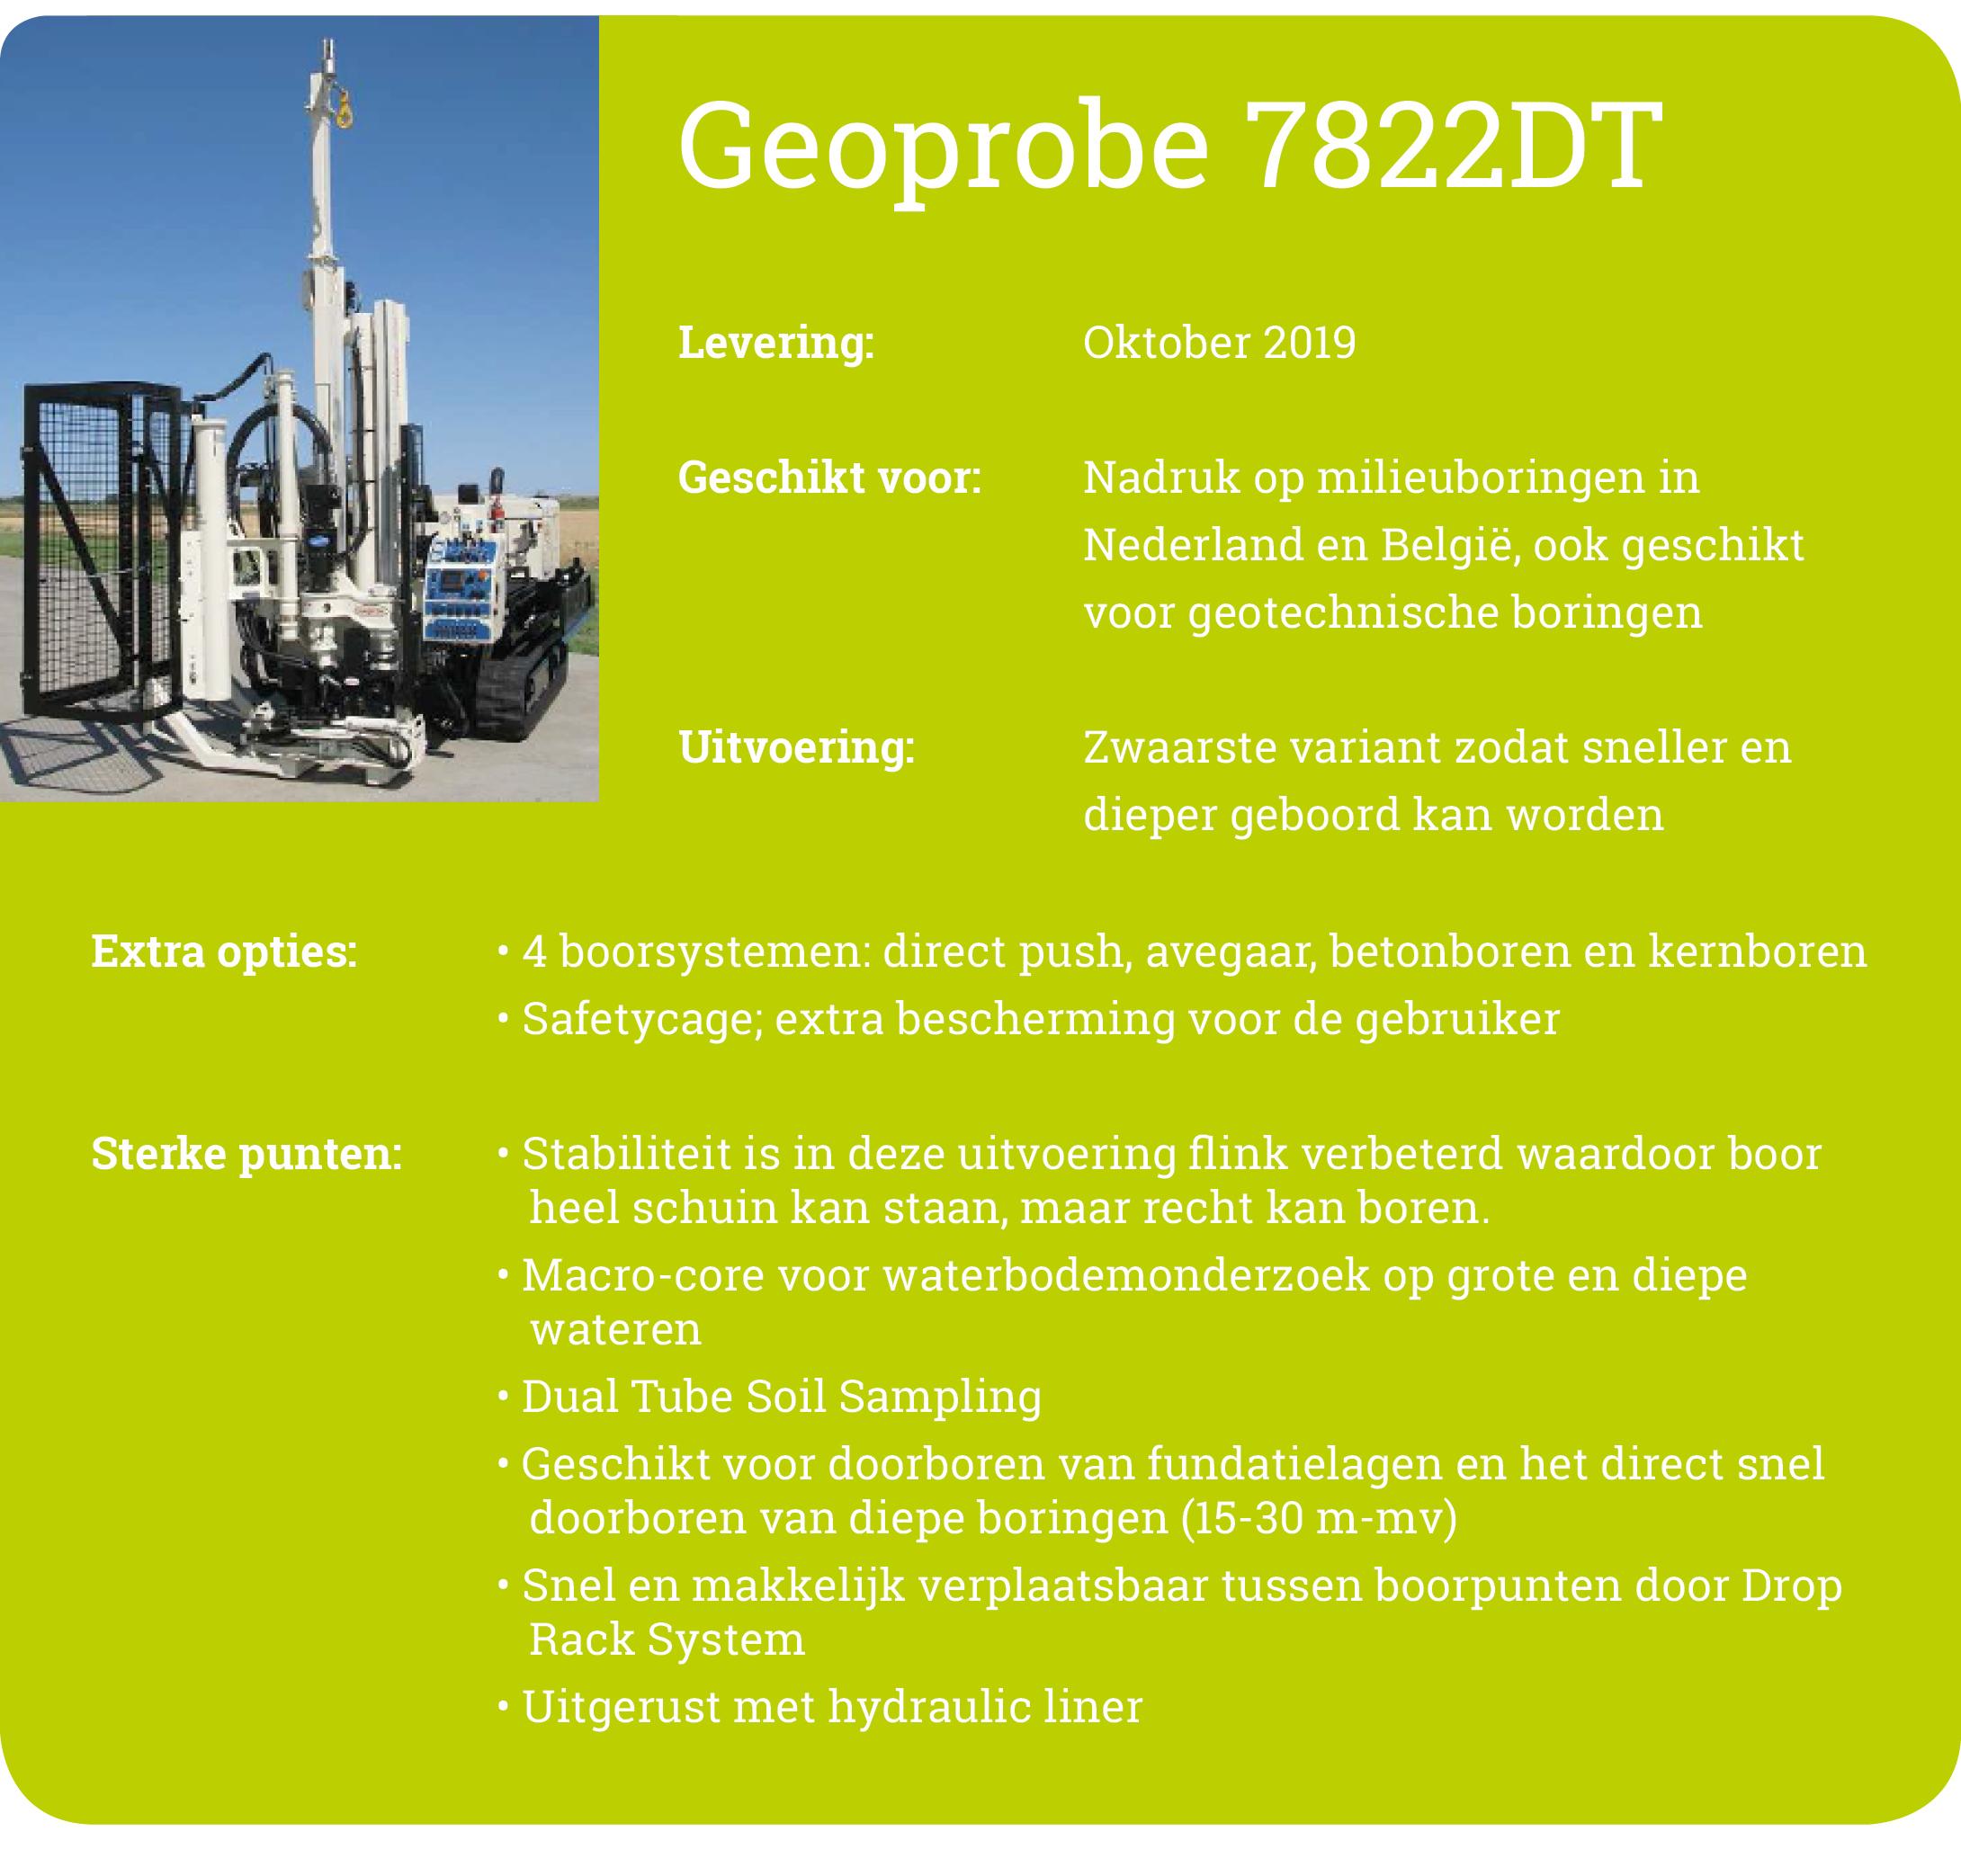 Geoprobe 7822DT